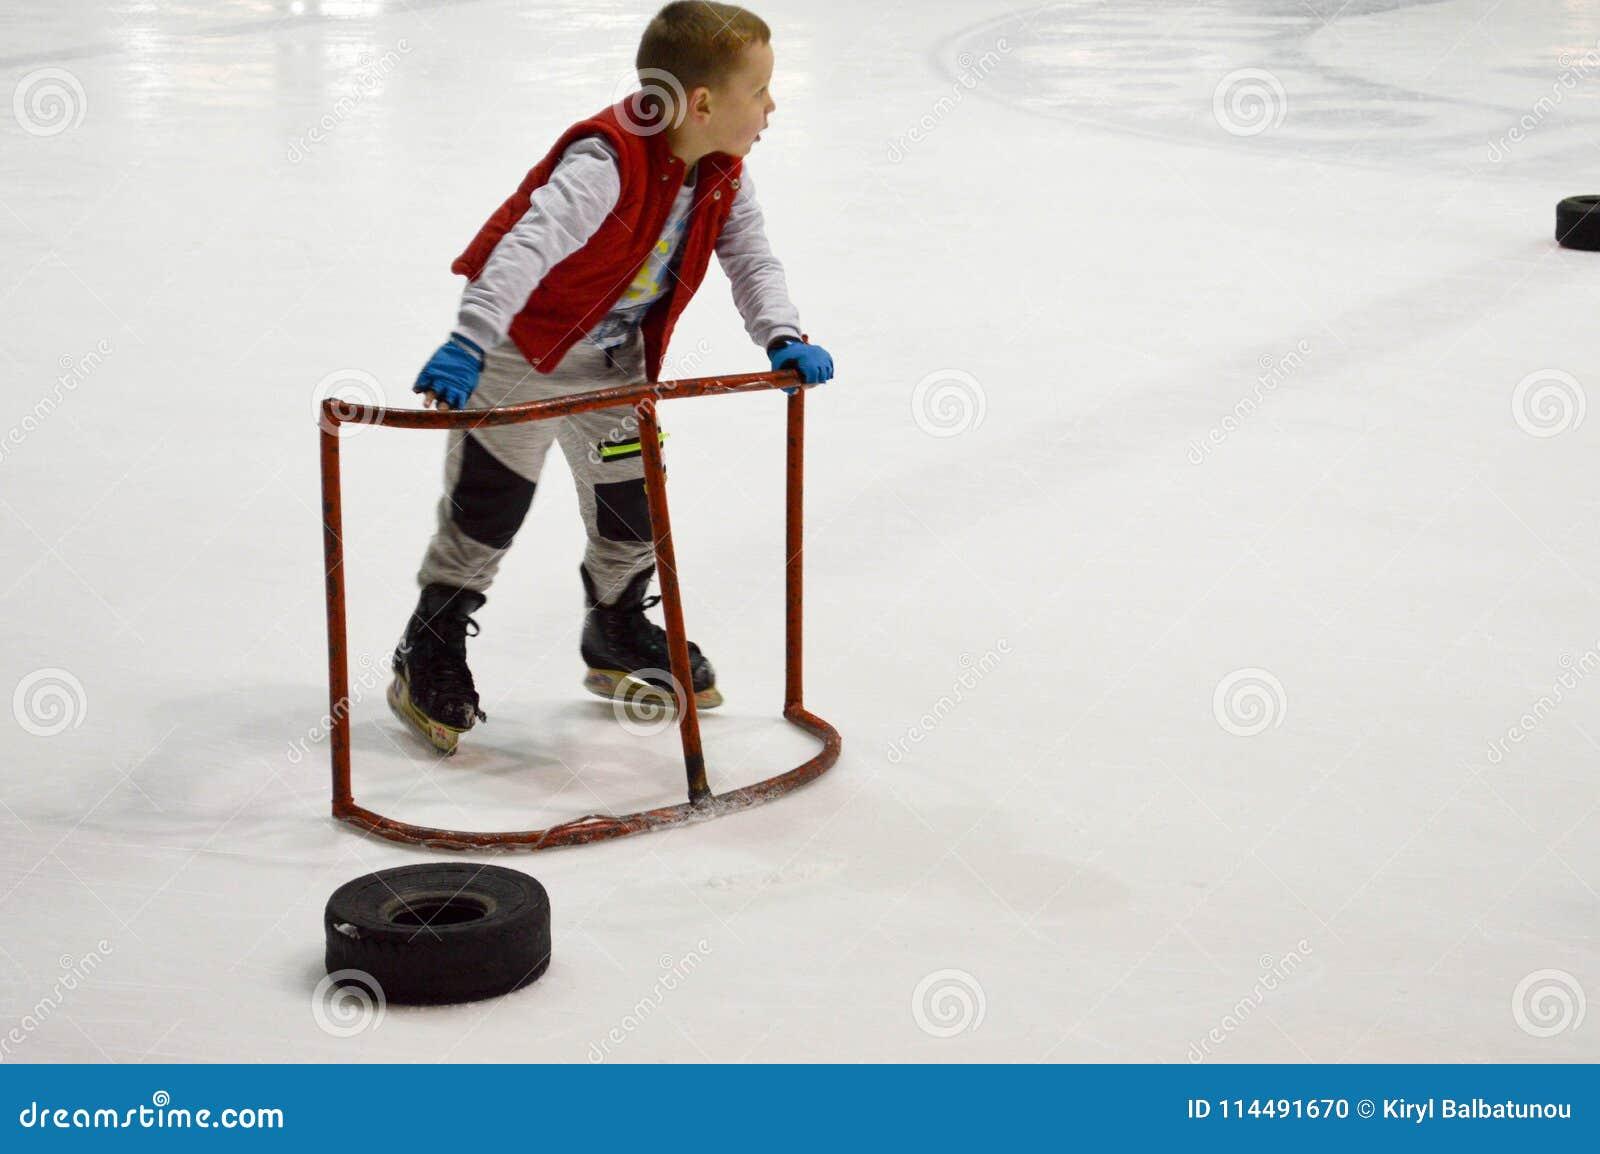 Kleiner Junge lernt, mithilfe der speziellen Unterstützungstore auf der Eishockeyarena eiszulaufen am 14. April 2018 Weißrussland